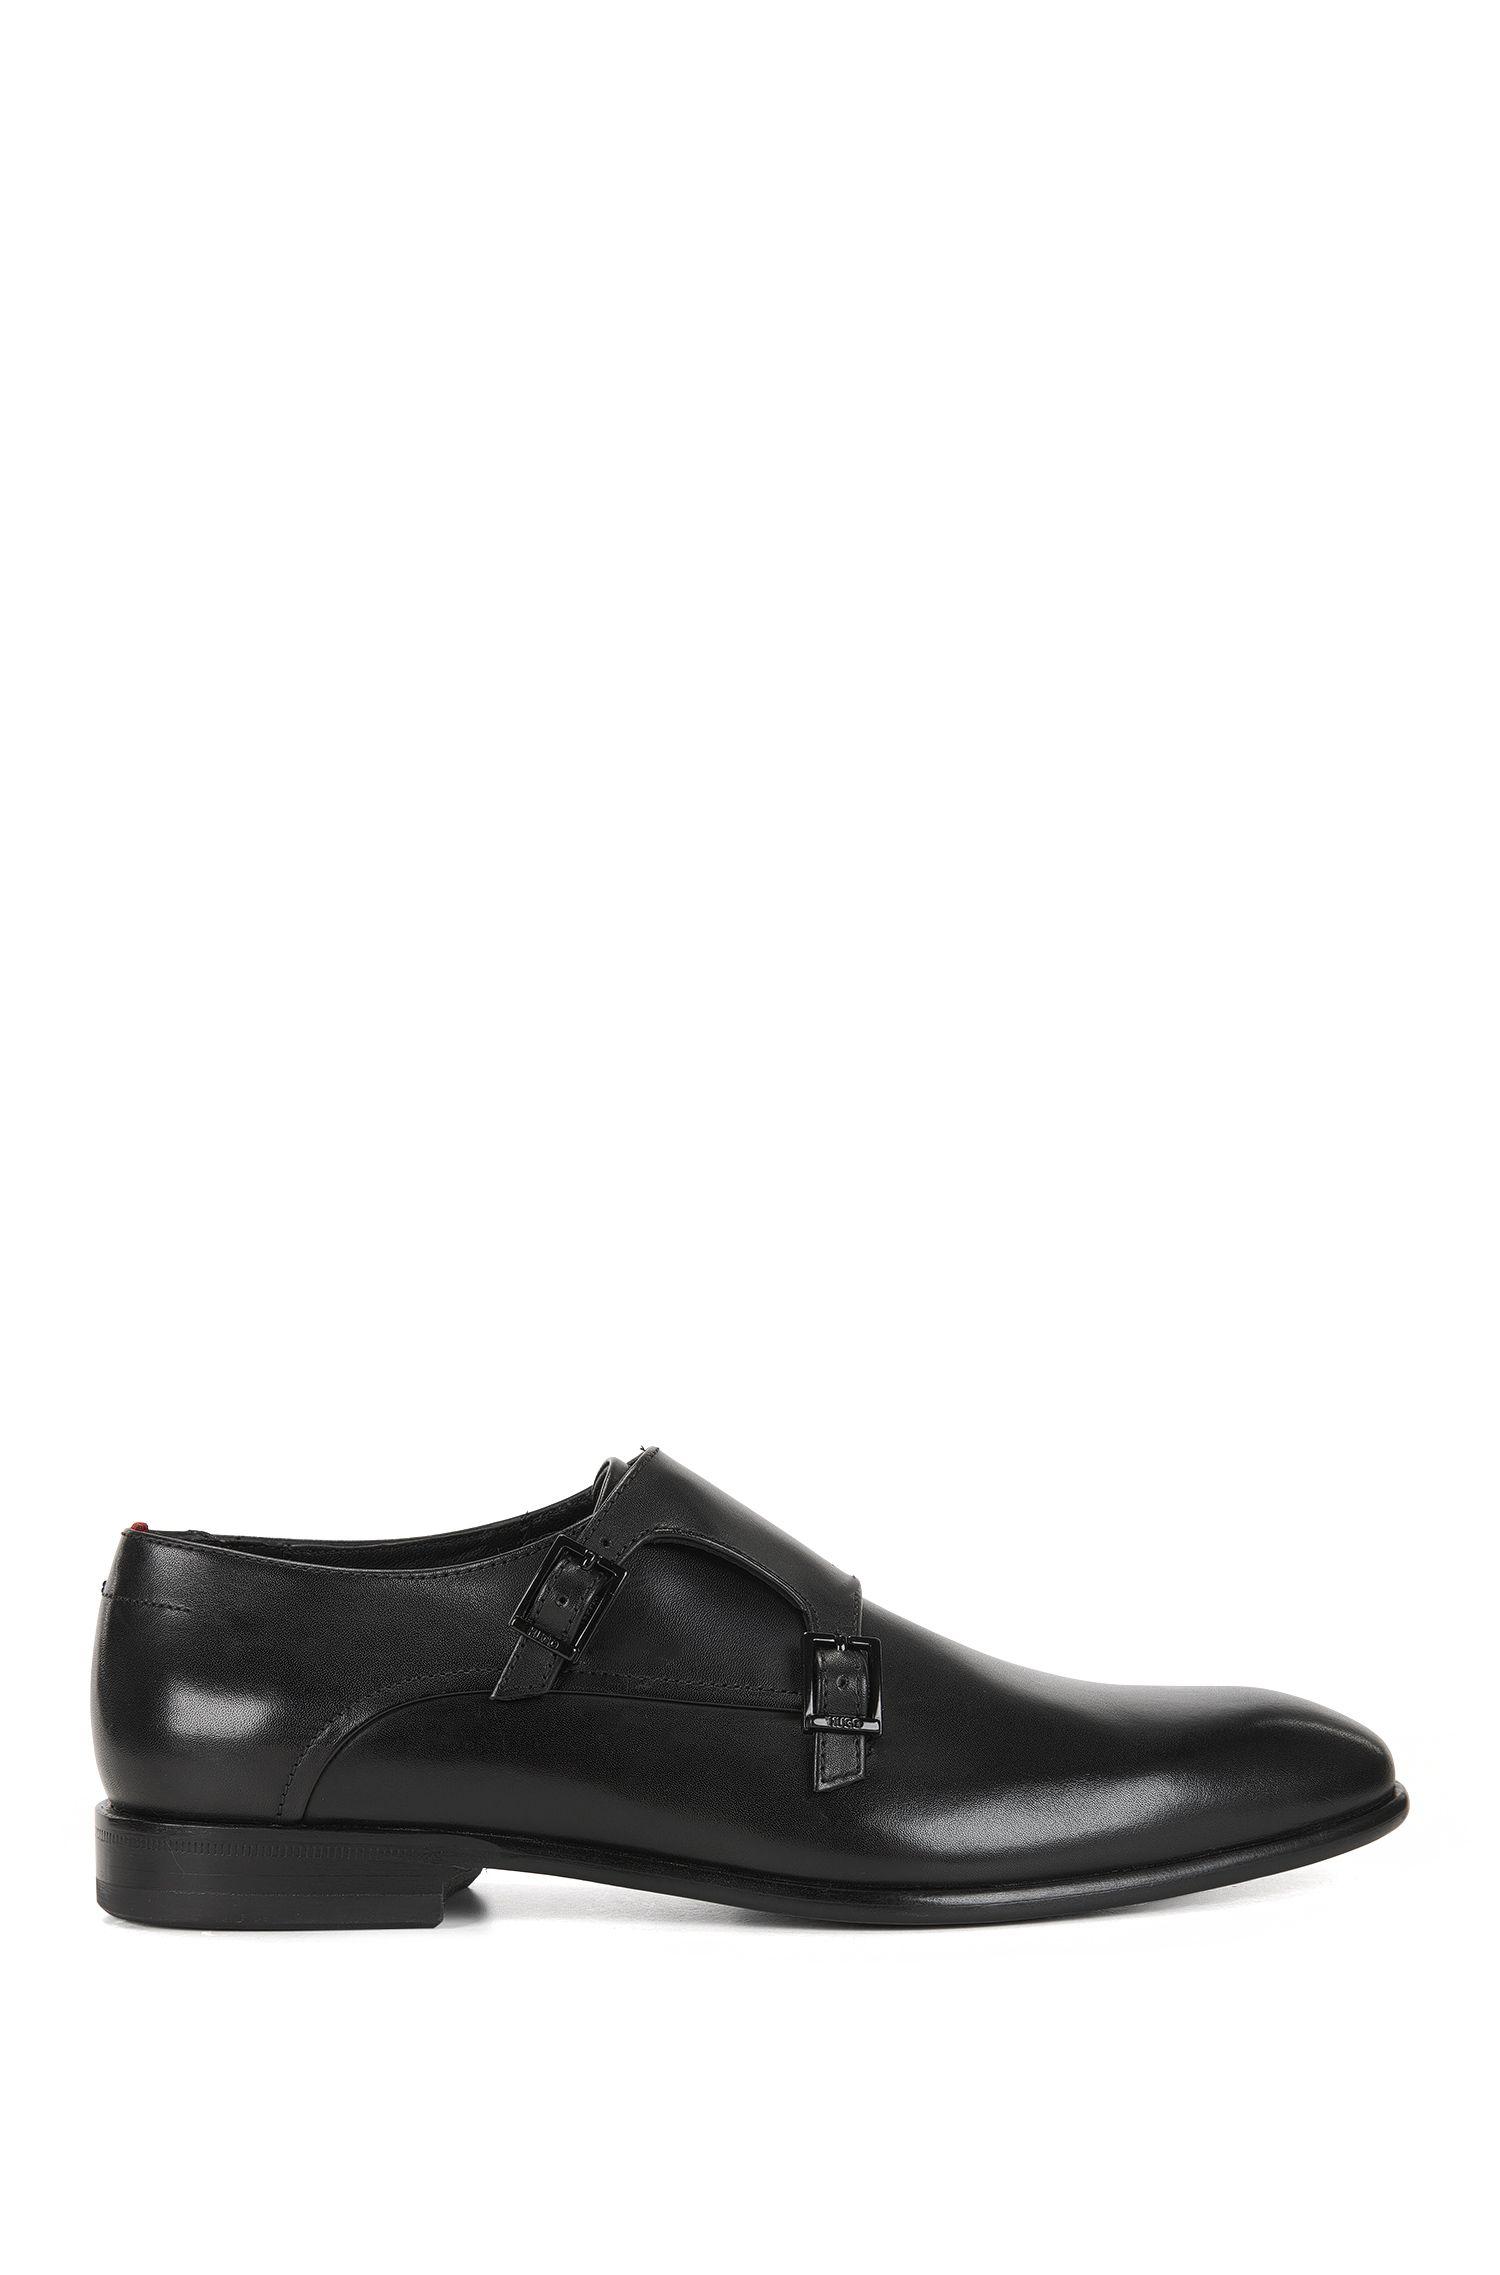 Leather Double Monk Strap Dress Shoe | Dressapp Monk BU